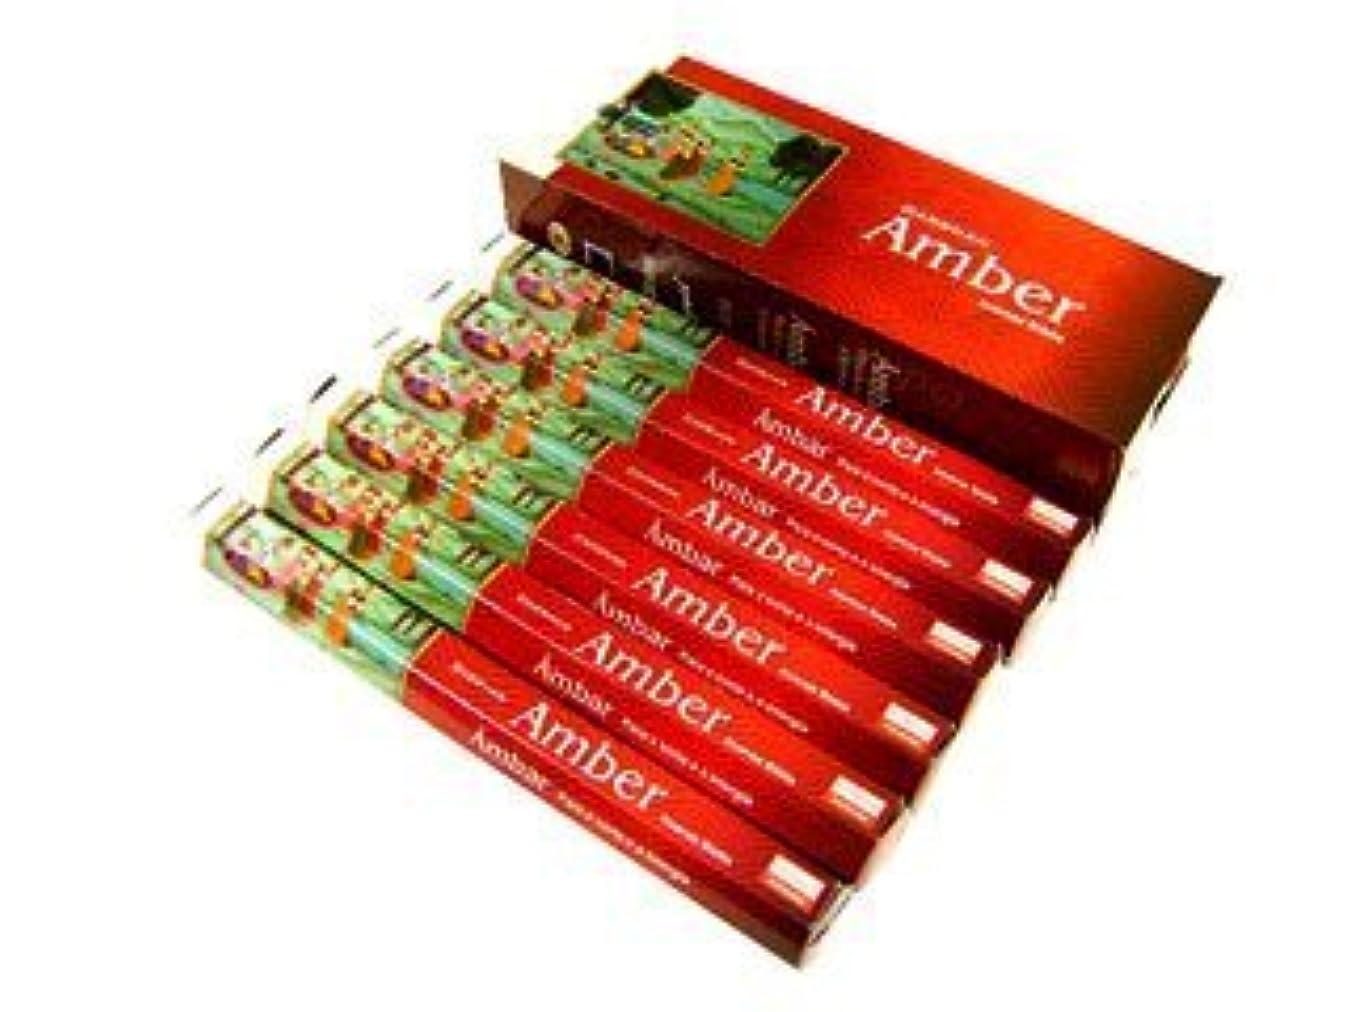 上冒険保護オレンジ – 120 Sticksボックス – Darshan Incense